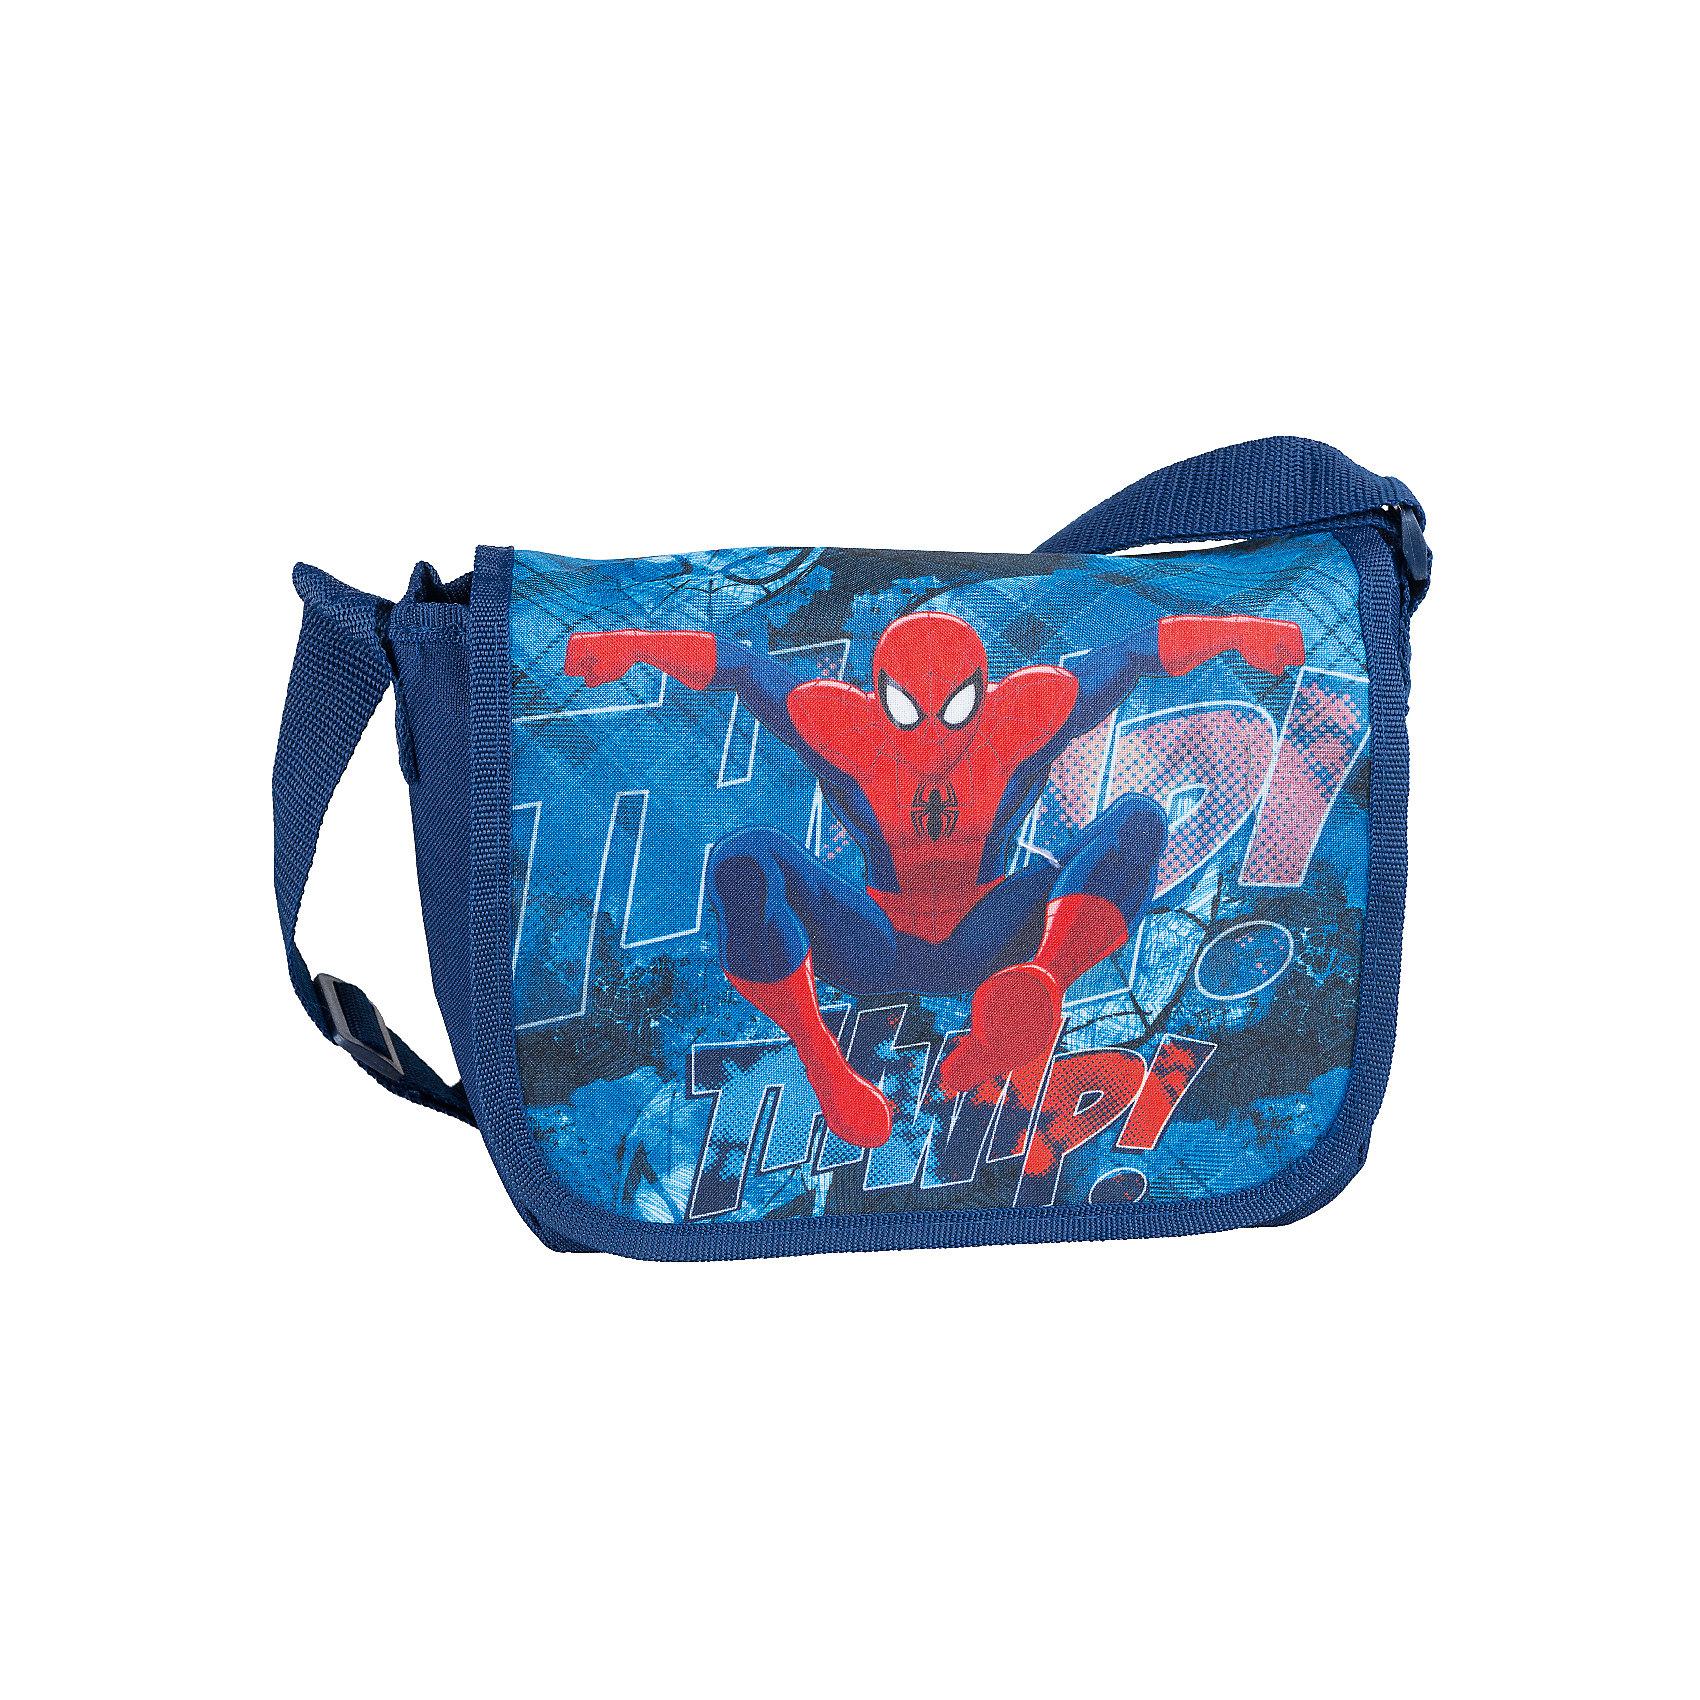 Академия групп Сумка Человек-Паук 18*25*10 см академия групп набор канцелярский в подарочной коробке человек паук